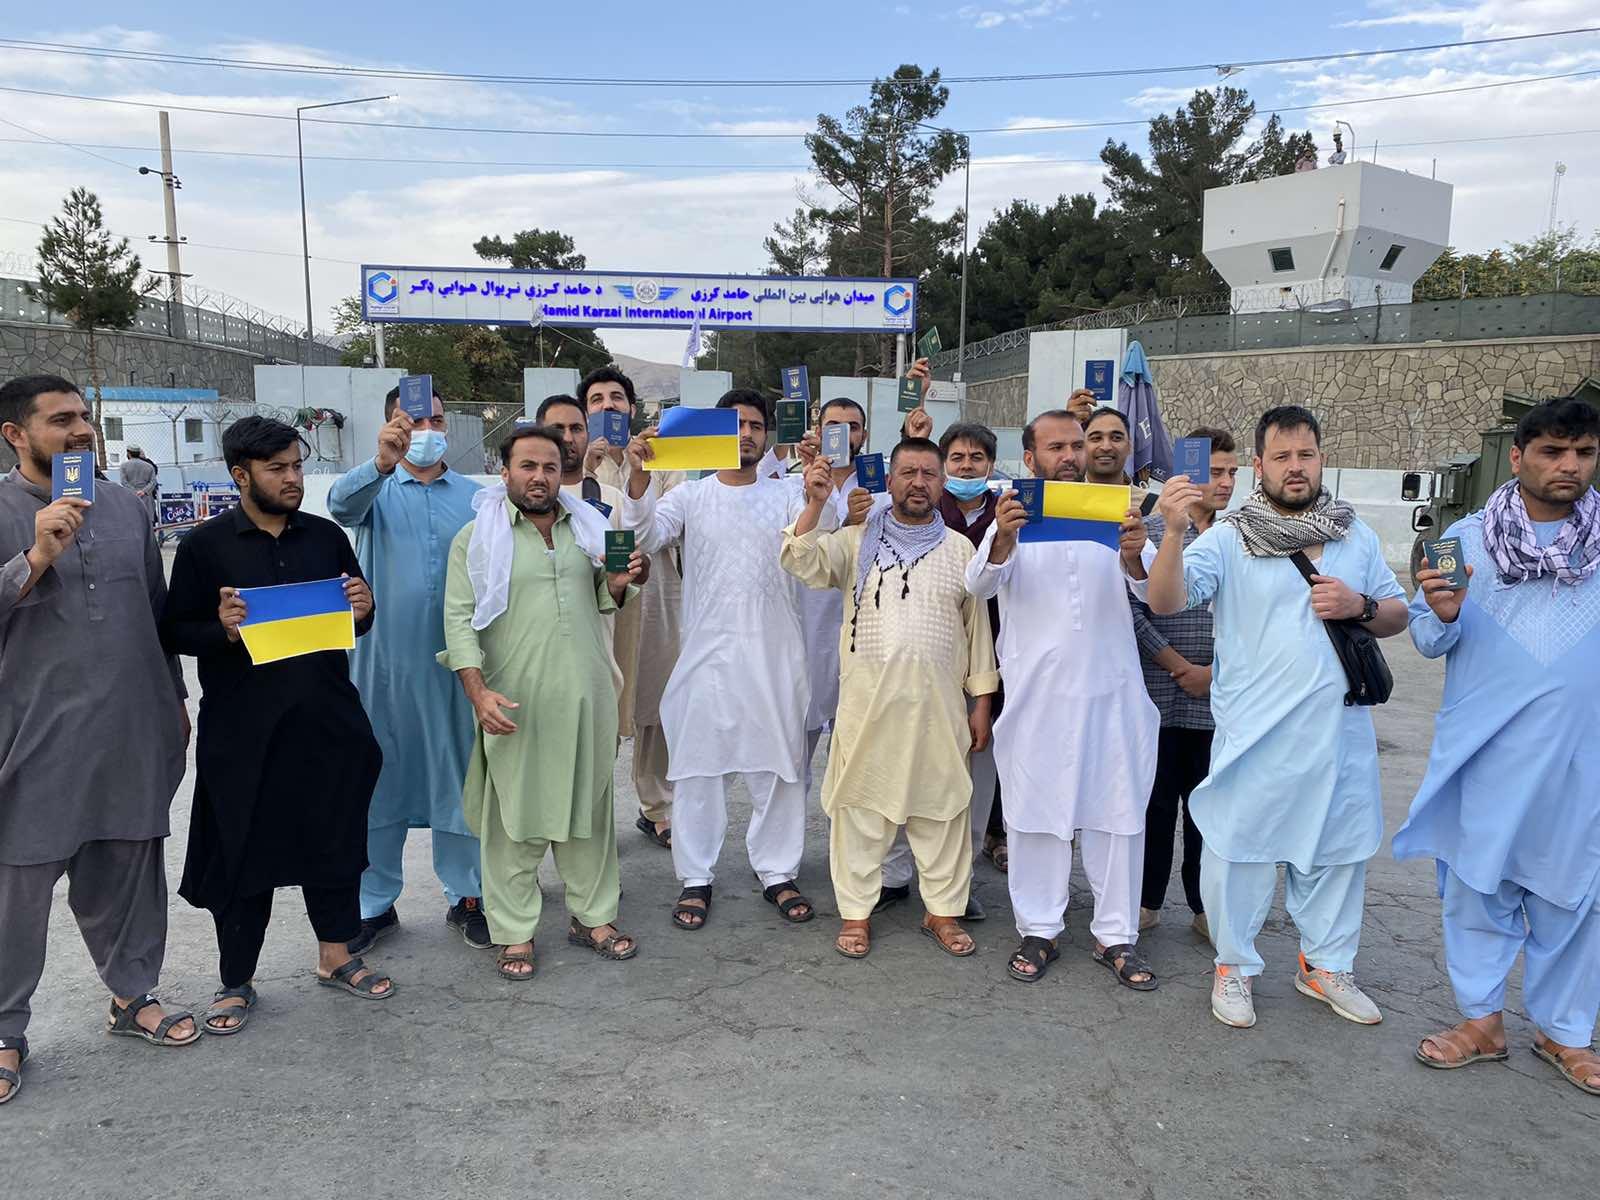 Громадяни України очікують евакуації з Афганістану відтоді, як «Талібан» захопив владу в країні.